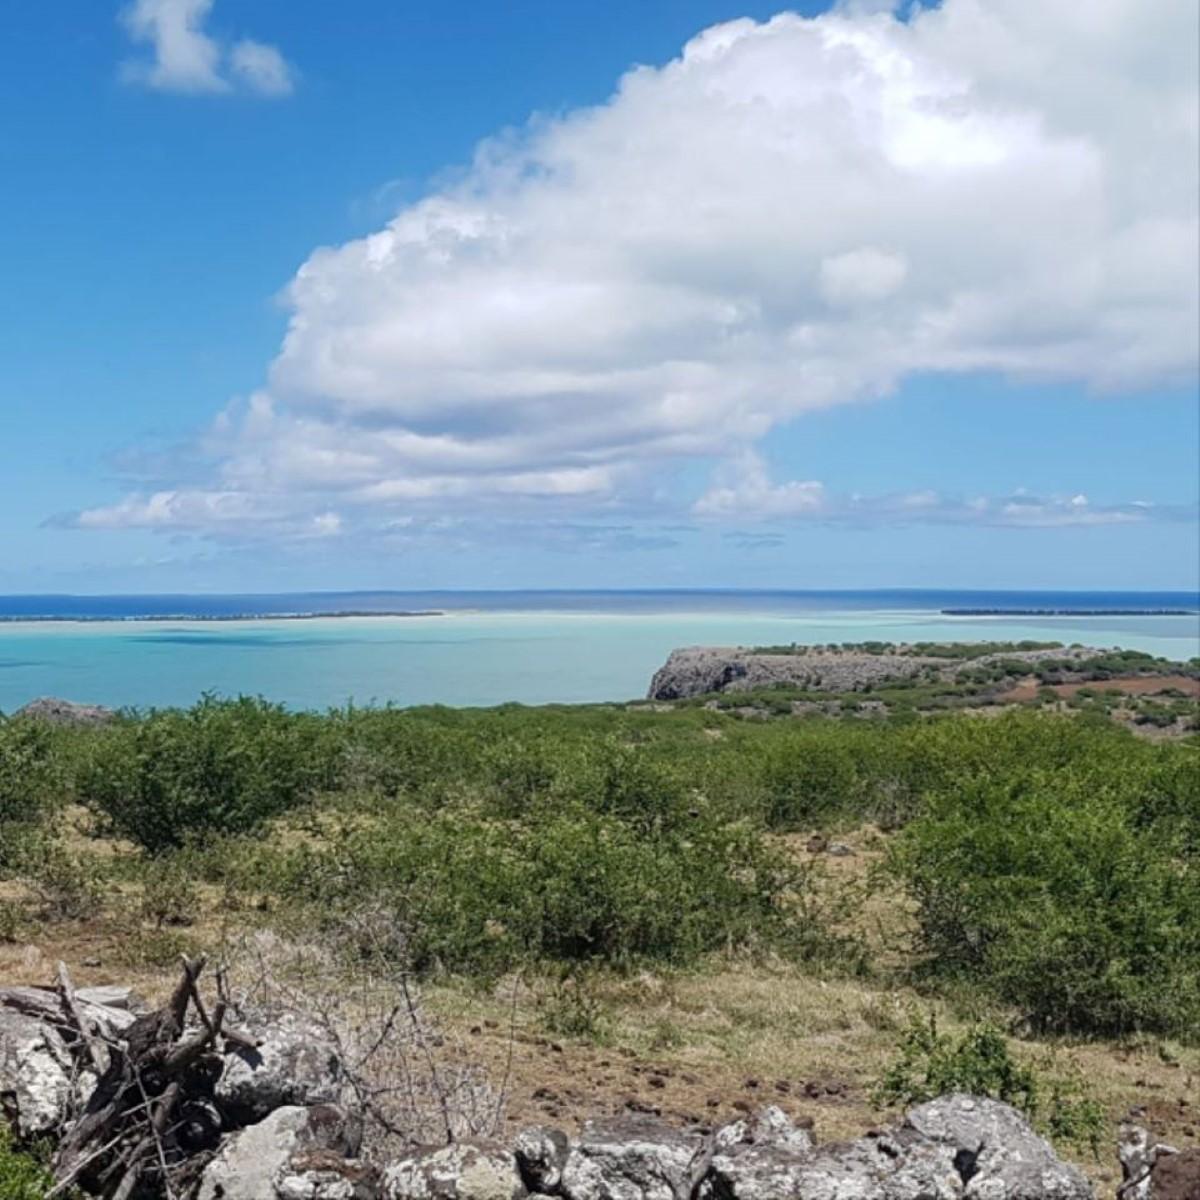 Rodrigues île durable : les fleurs en plastique bientôt interdites